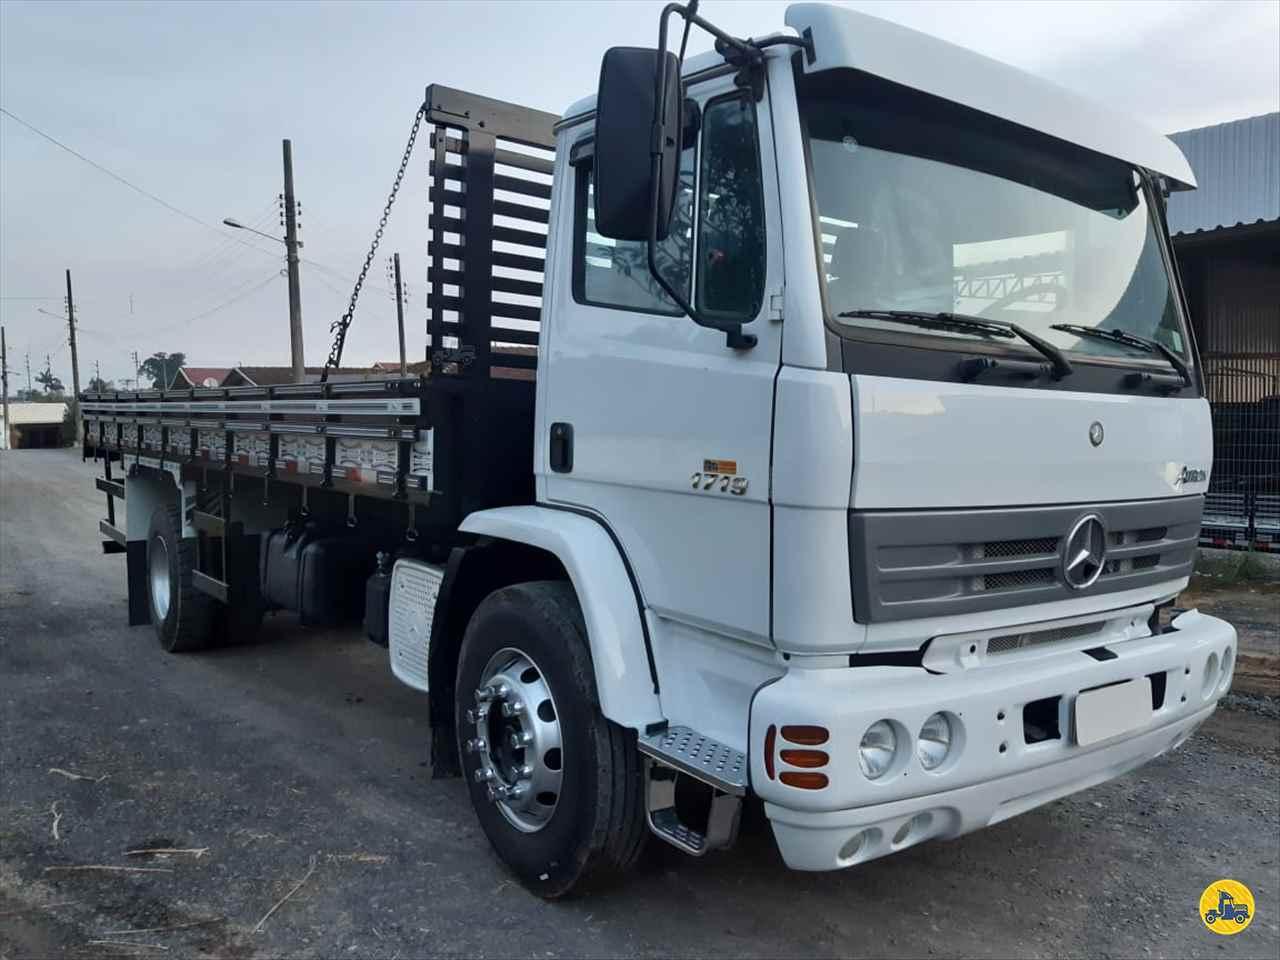 MB 1719 de Schroeder Caminhões - ITUPORANGA/SC